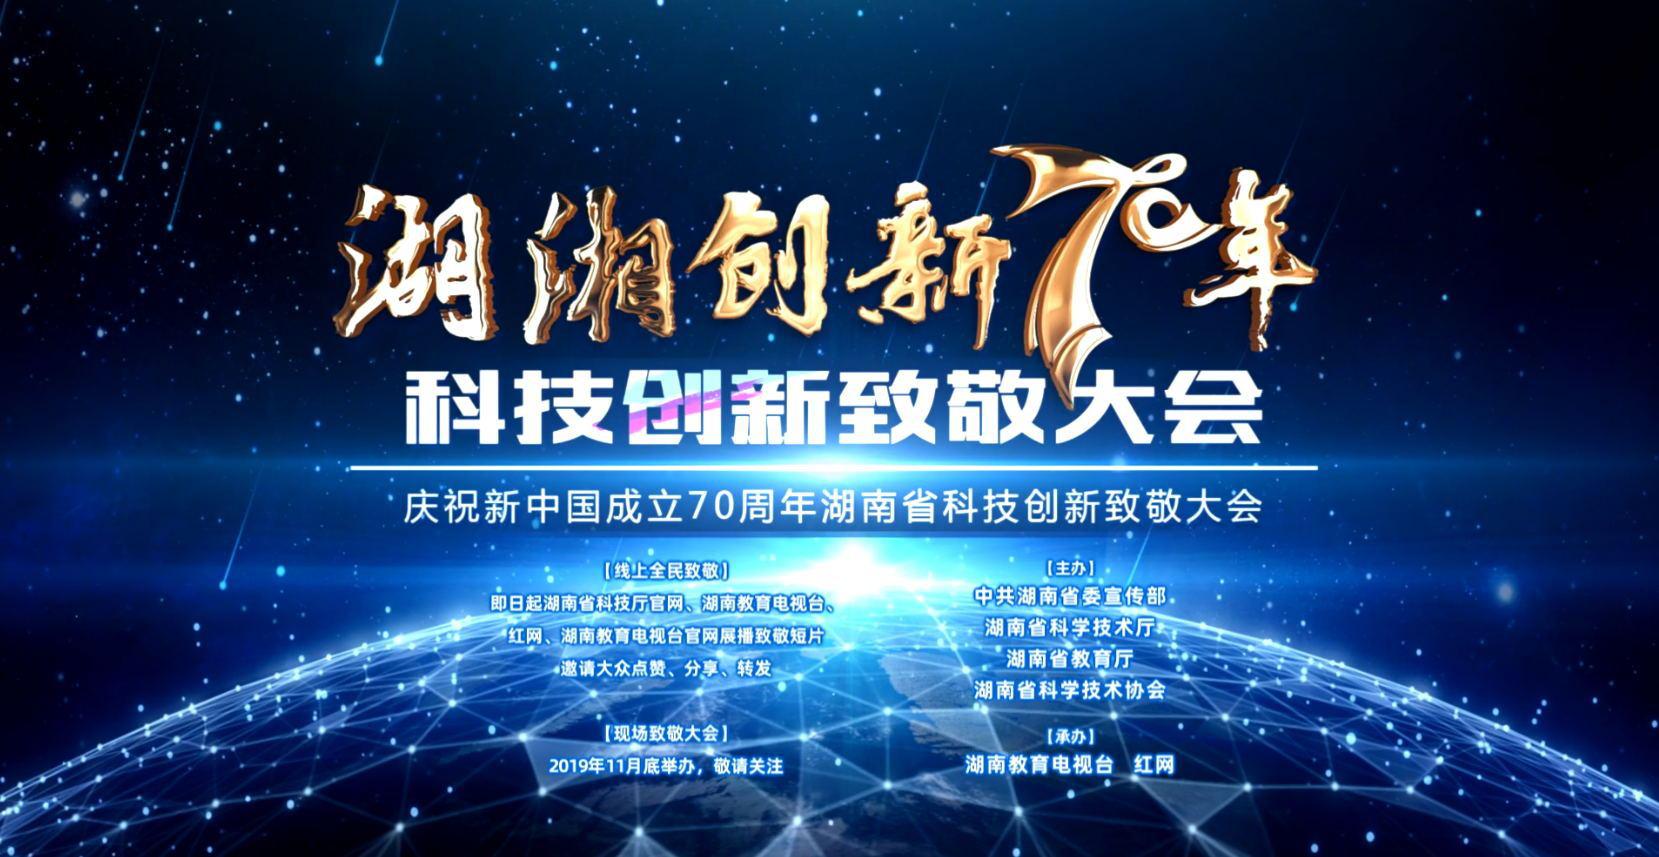 """湖南健康产业代表三诺生物出席""""湖湘创新70年""""大会"""